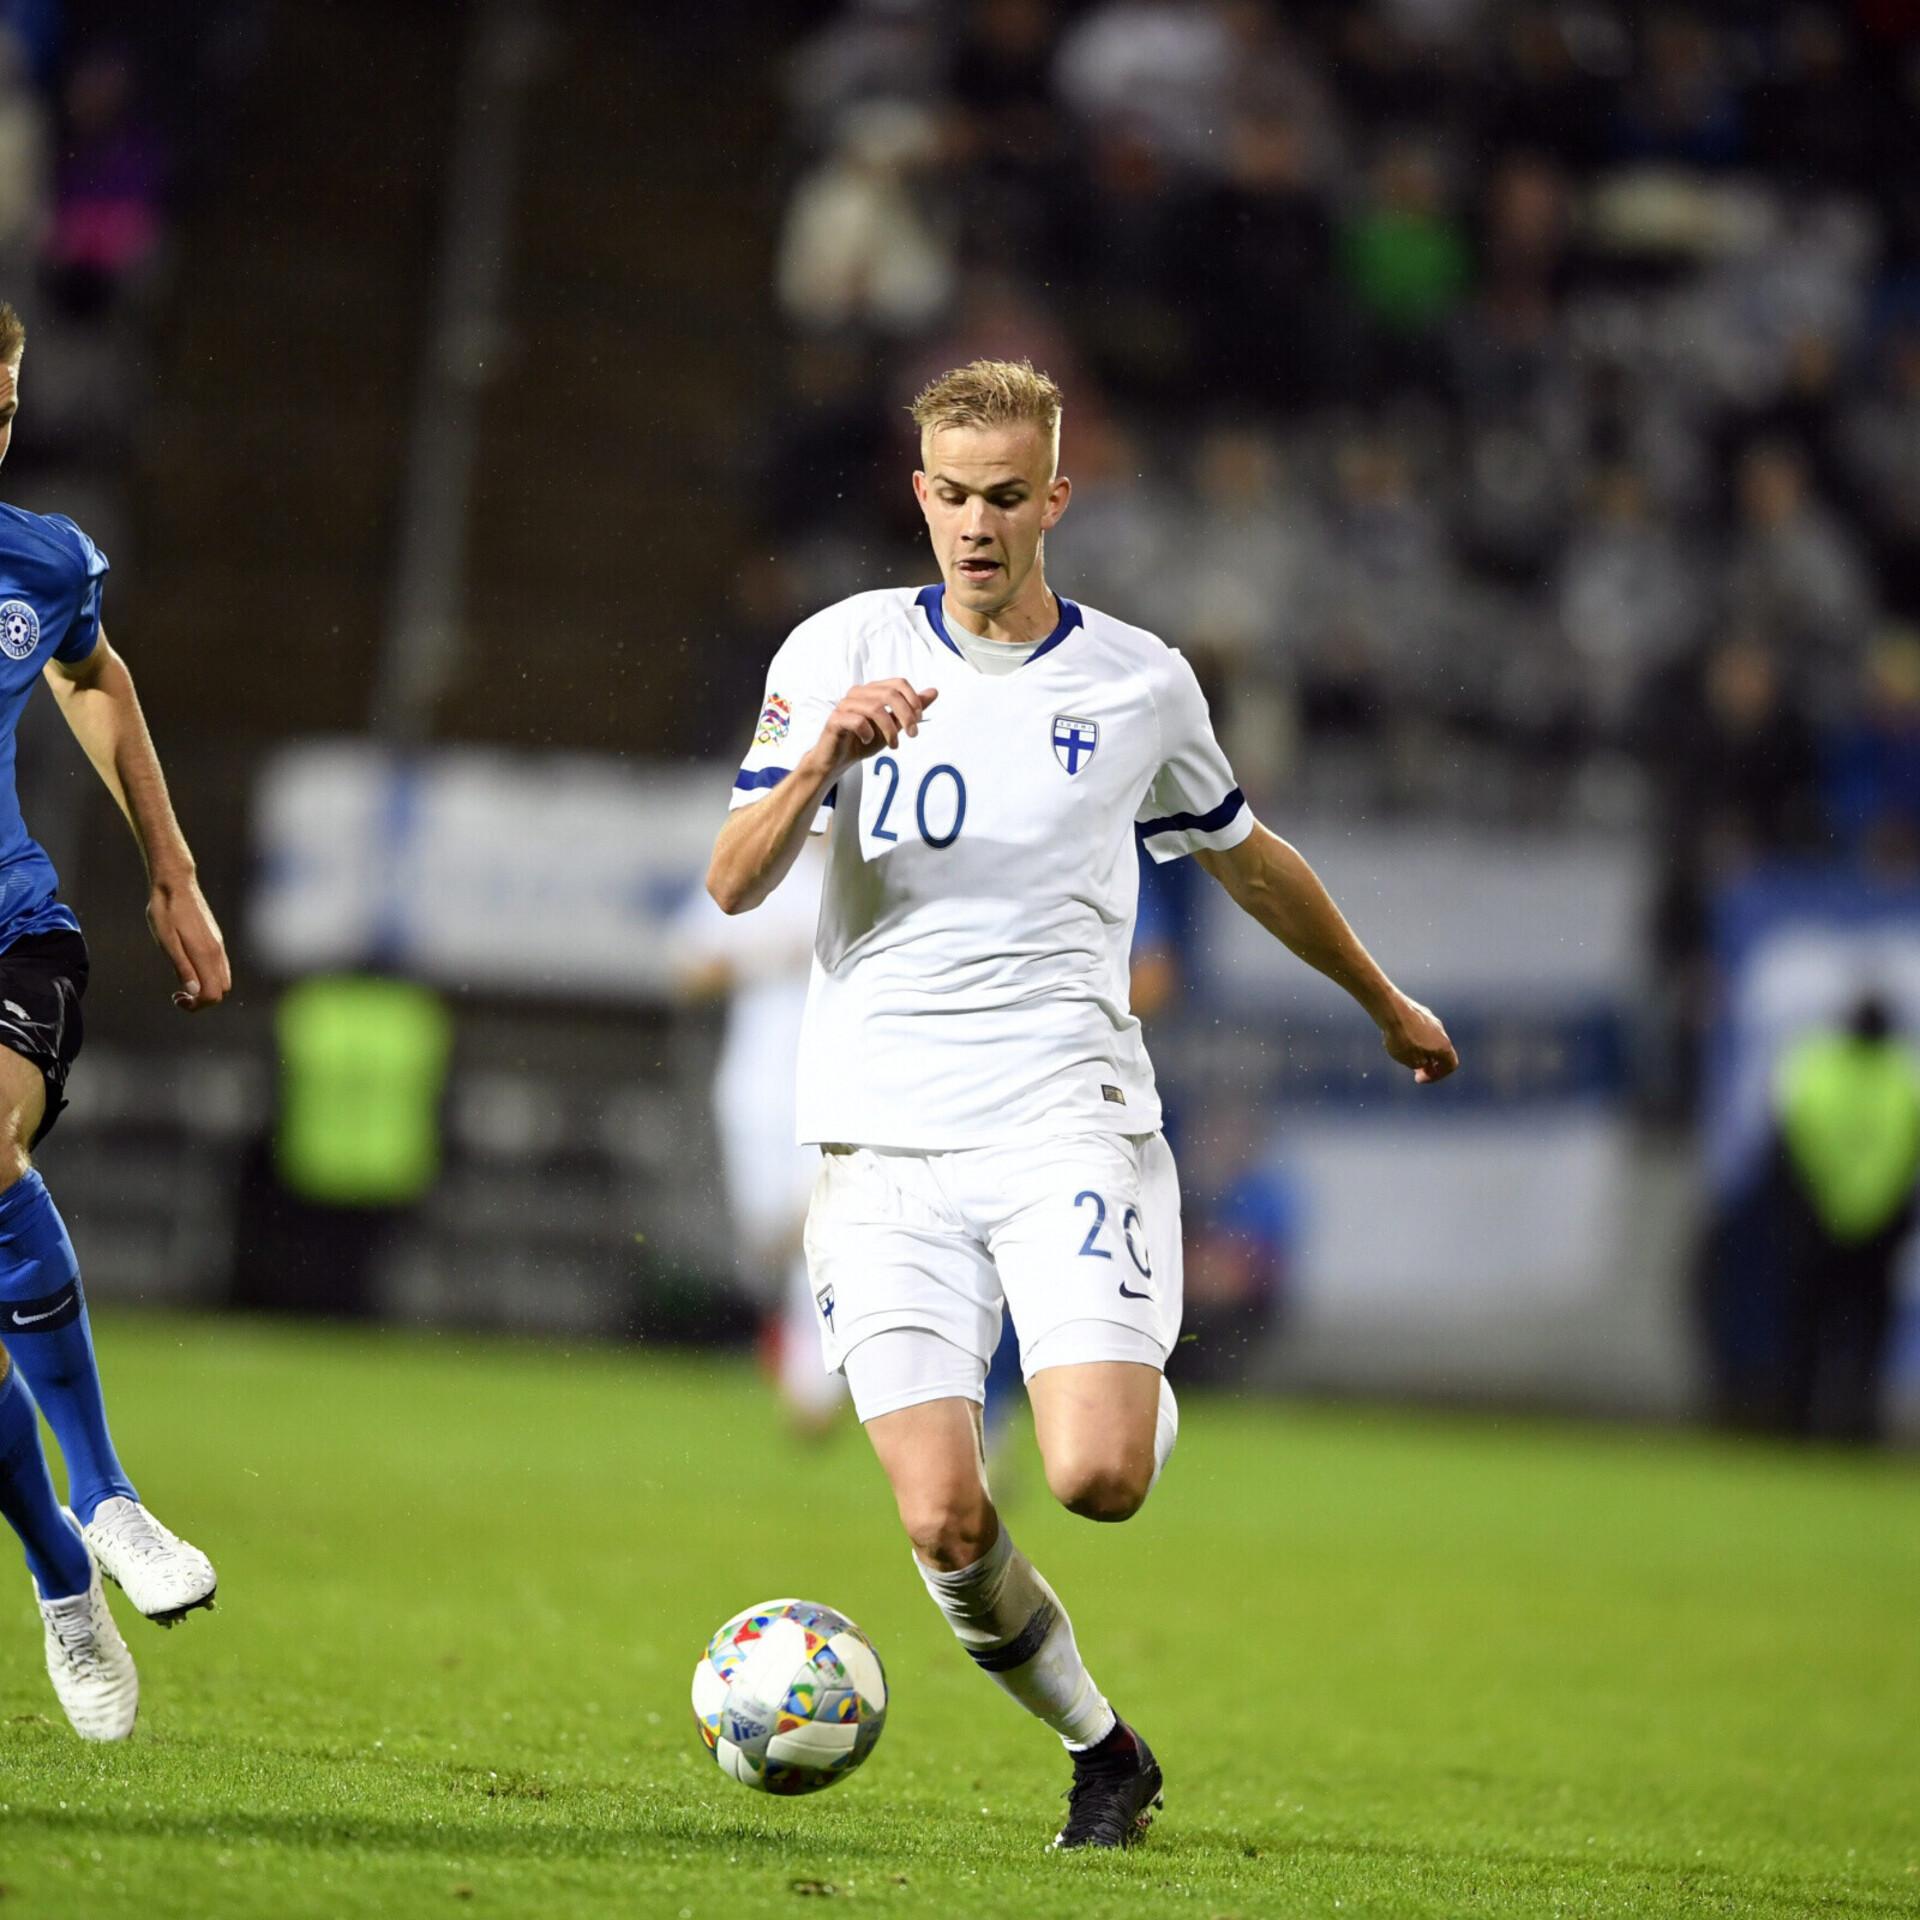 1cdc8be8a76 Eesti pidi Rahvuste liigas tunnistama Soome paremust   Jalgpalli Eesti  koondis   ERR